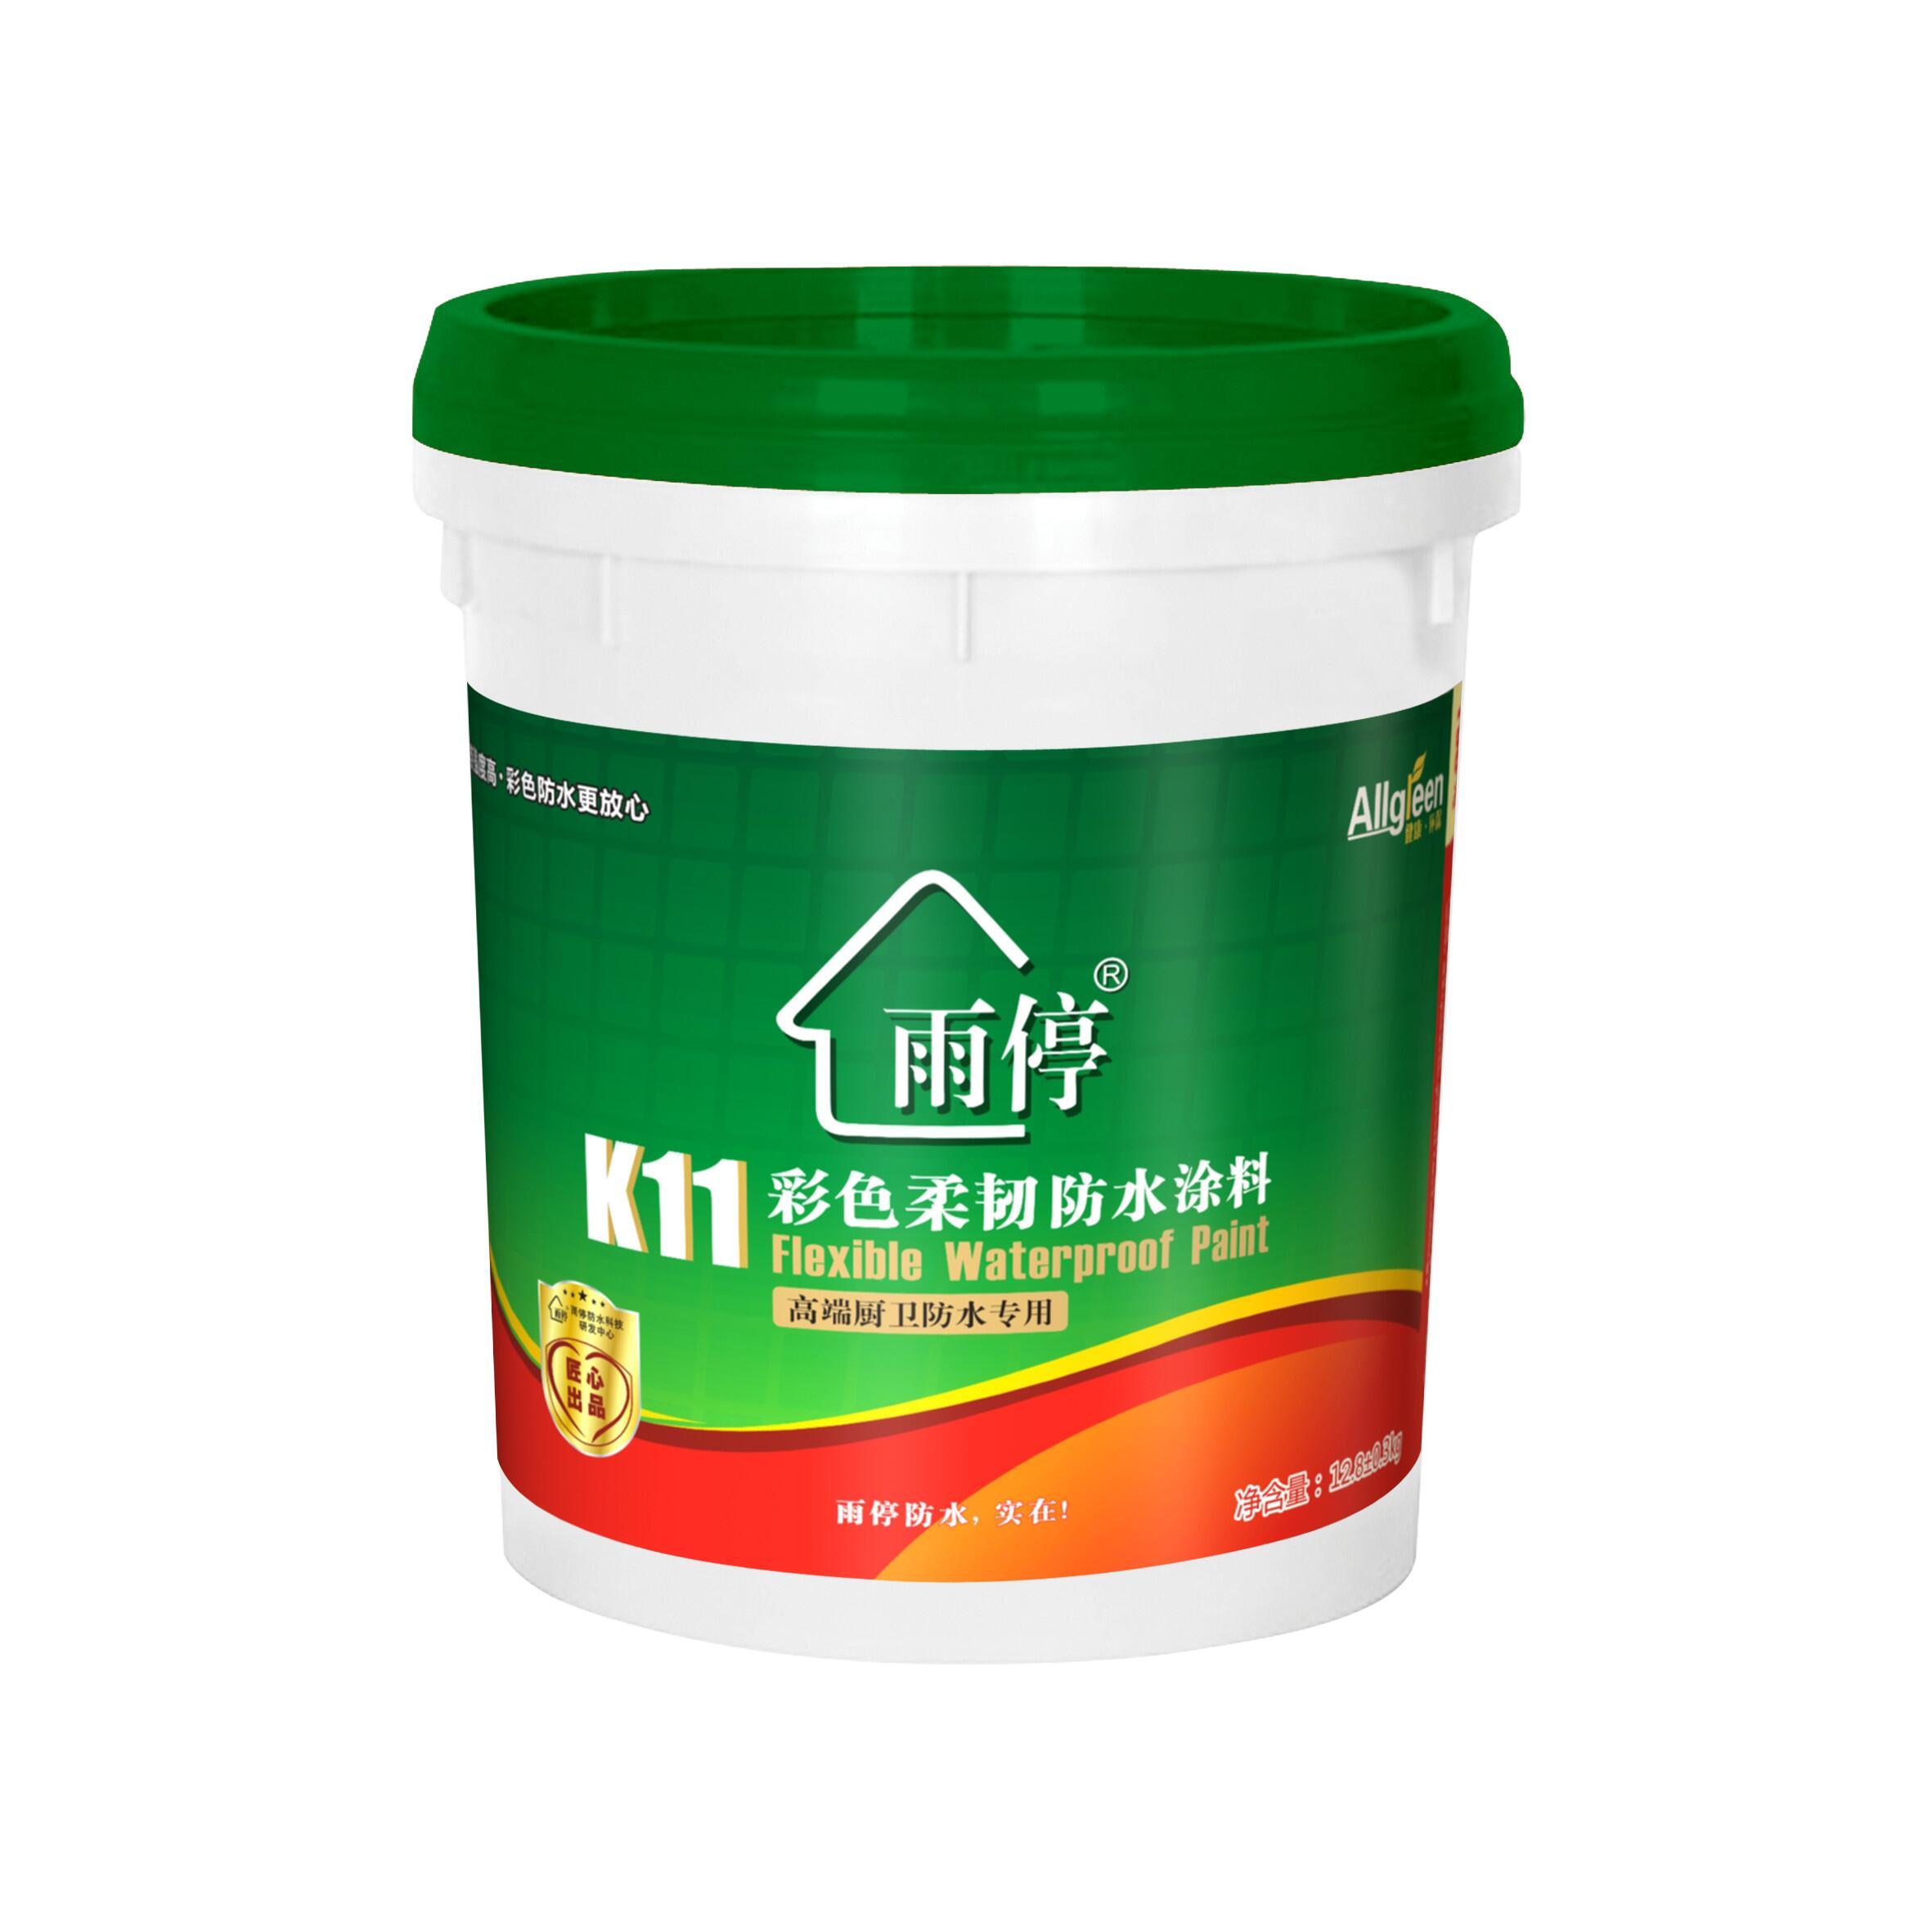 K11彩色柔韧防水涂料(绿色)